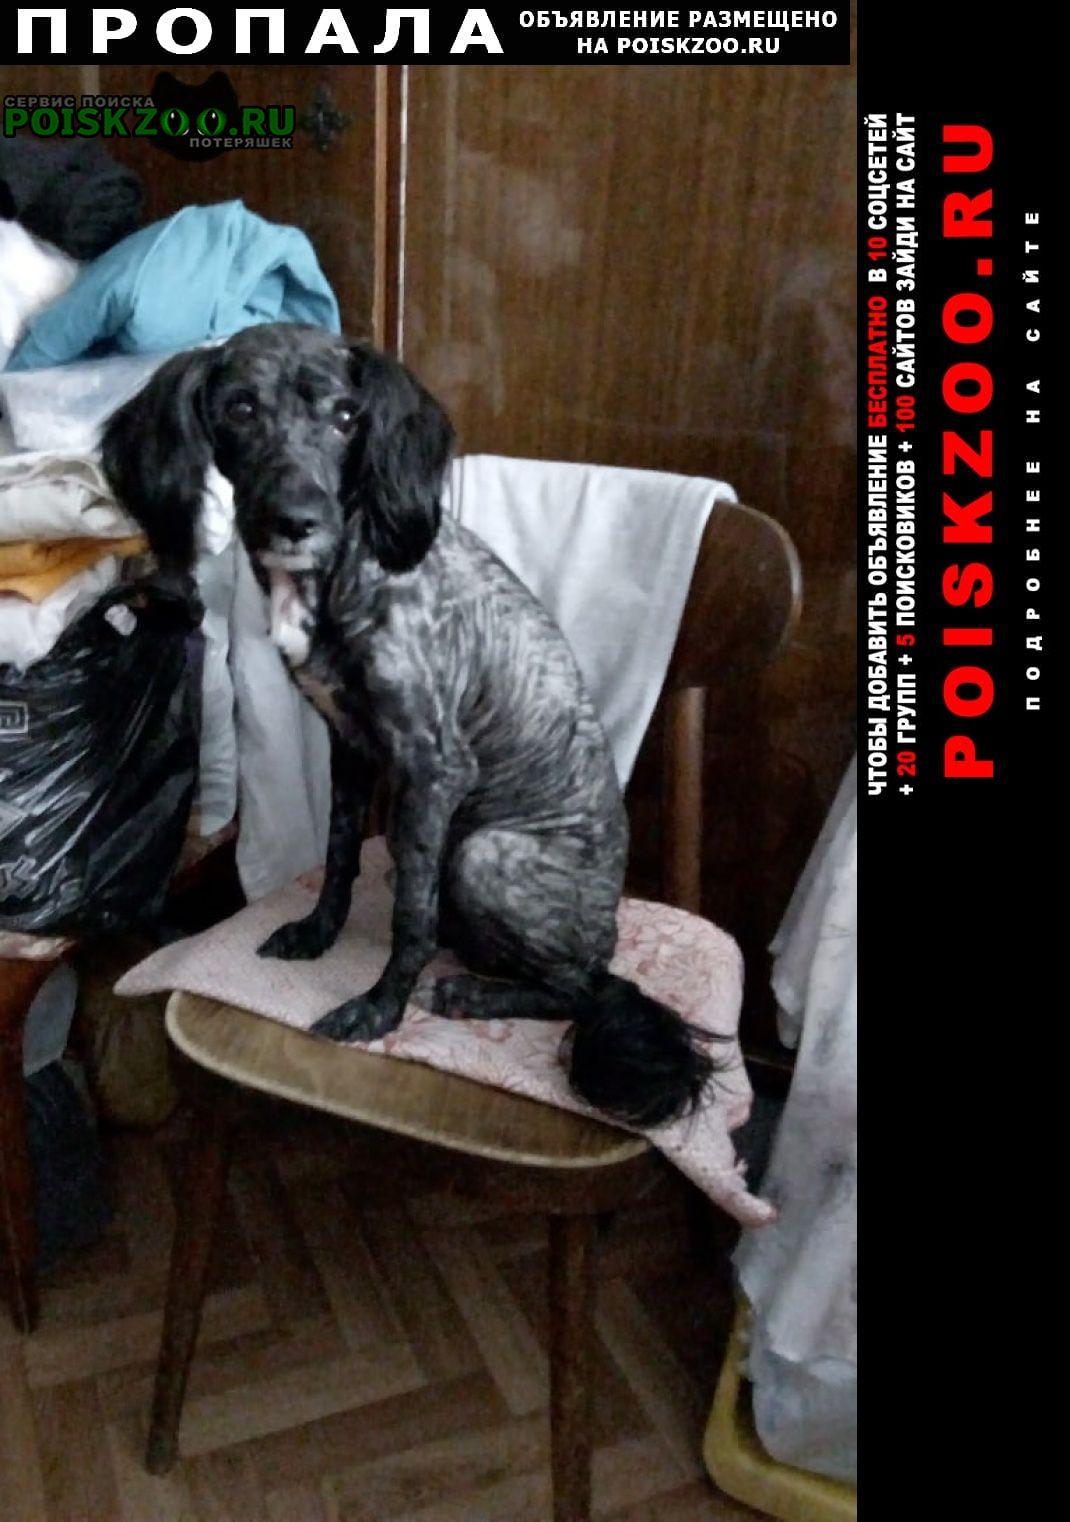 Пропала собака кобель пёс Пермь